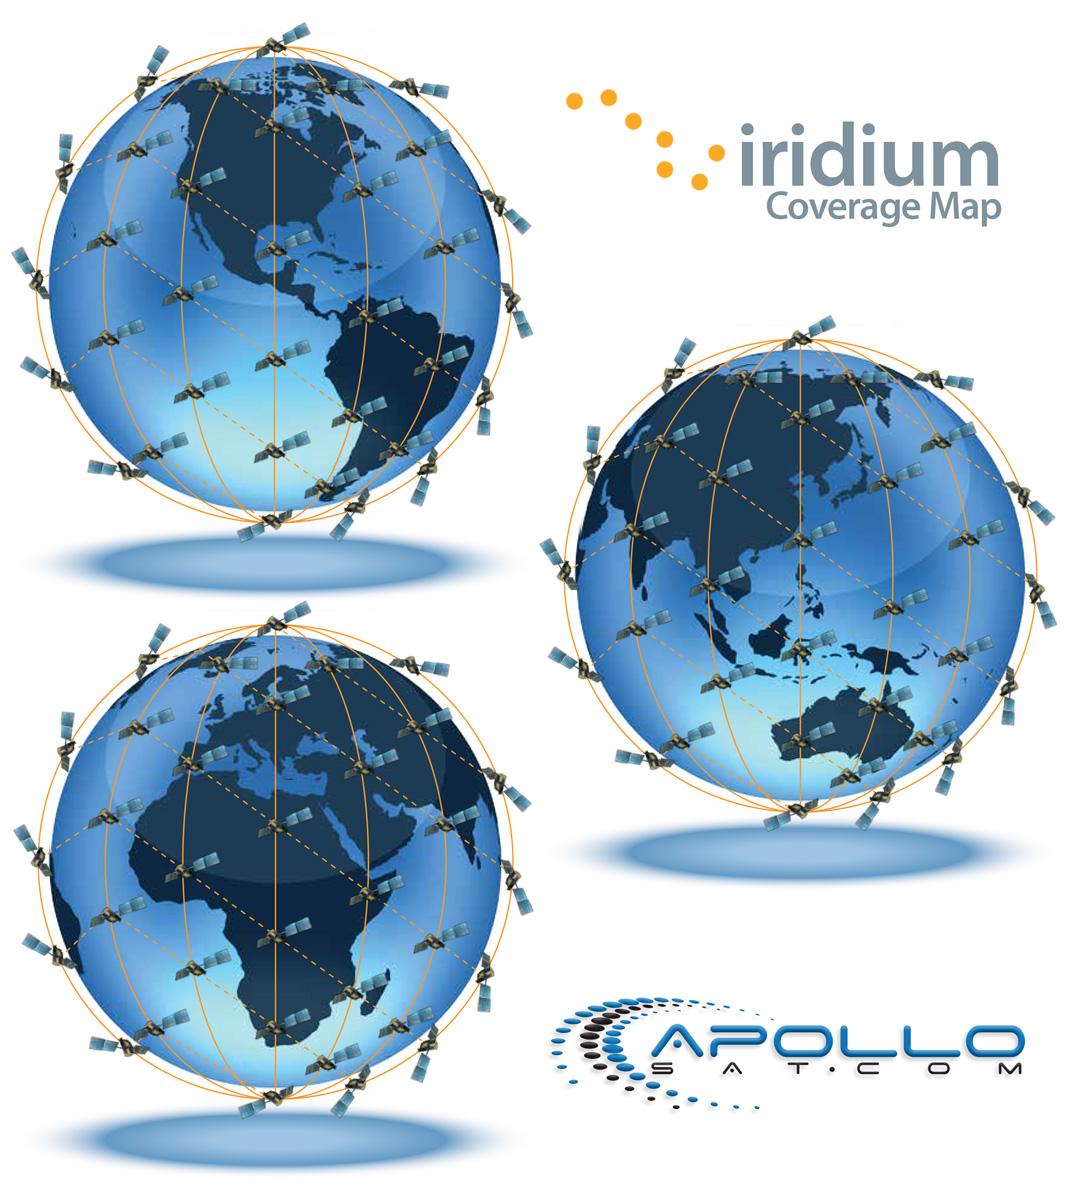 Apollo Iridium Next Constellation